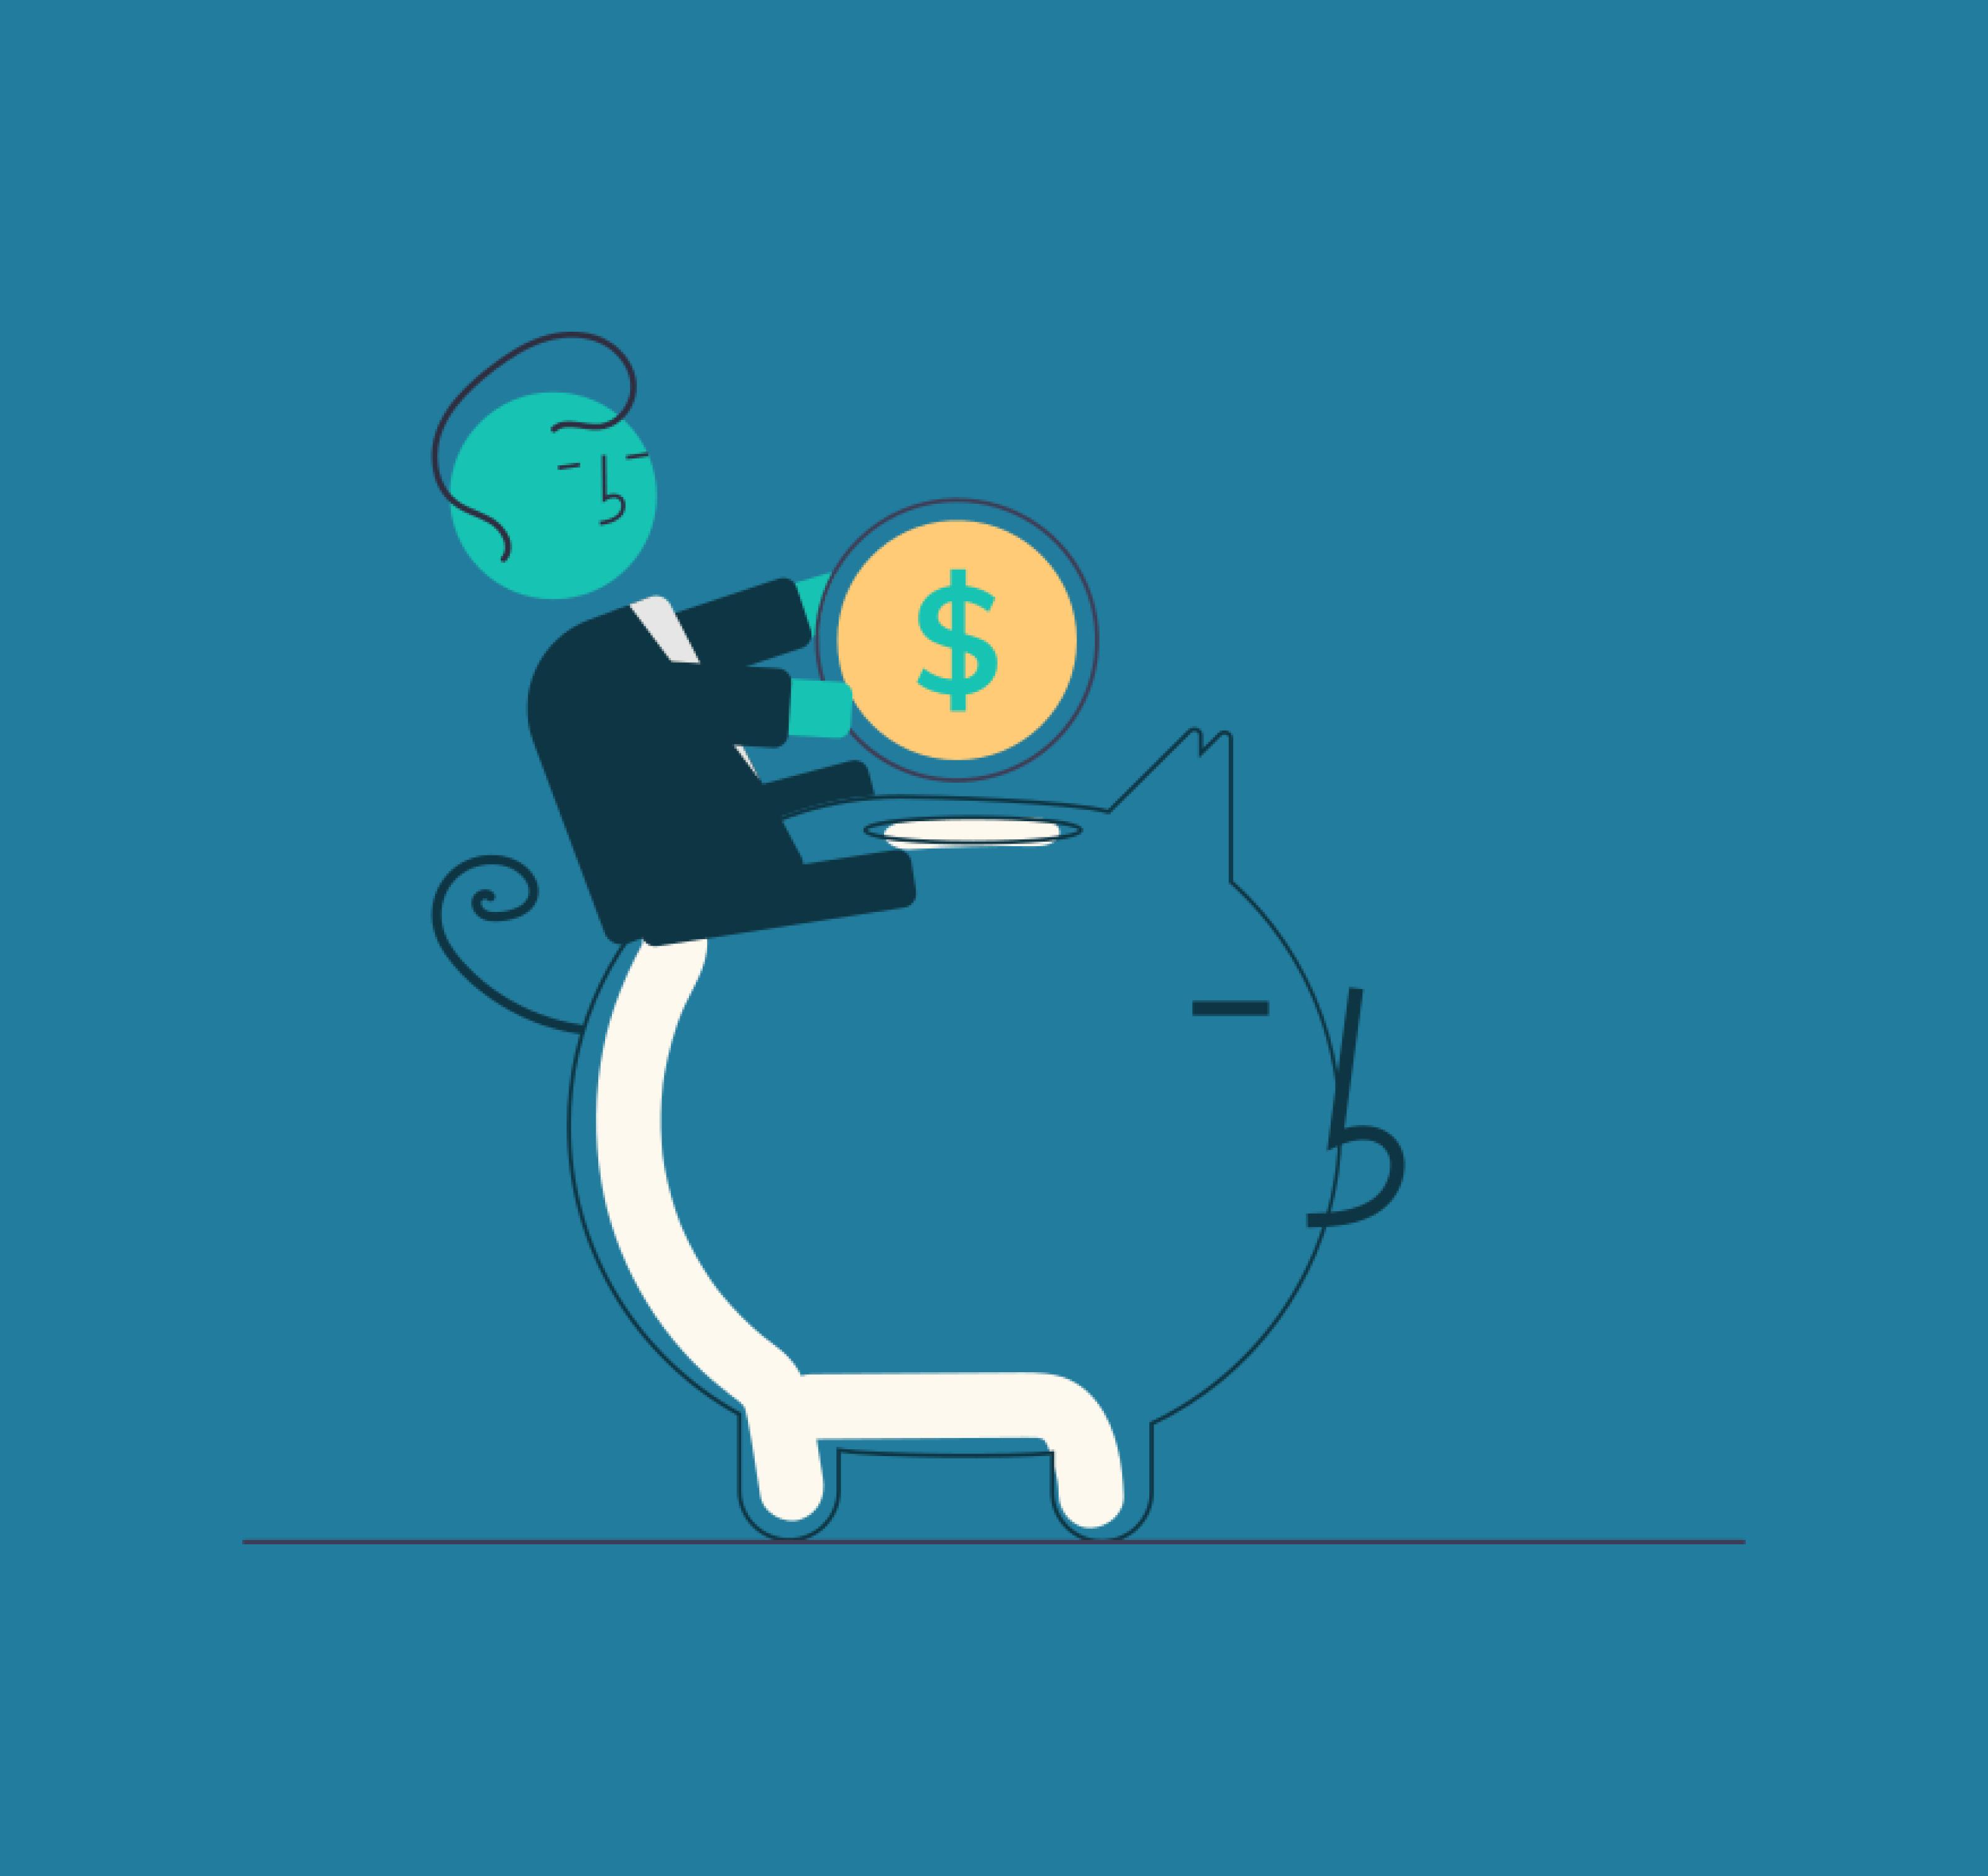 agencja kreatywna vbracja branding strony internetowe logo aplikacje materiały marketingowe projektowanie graficzne grafik wrocław financy projekt aplikacji mobilnej fintech UX UI